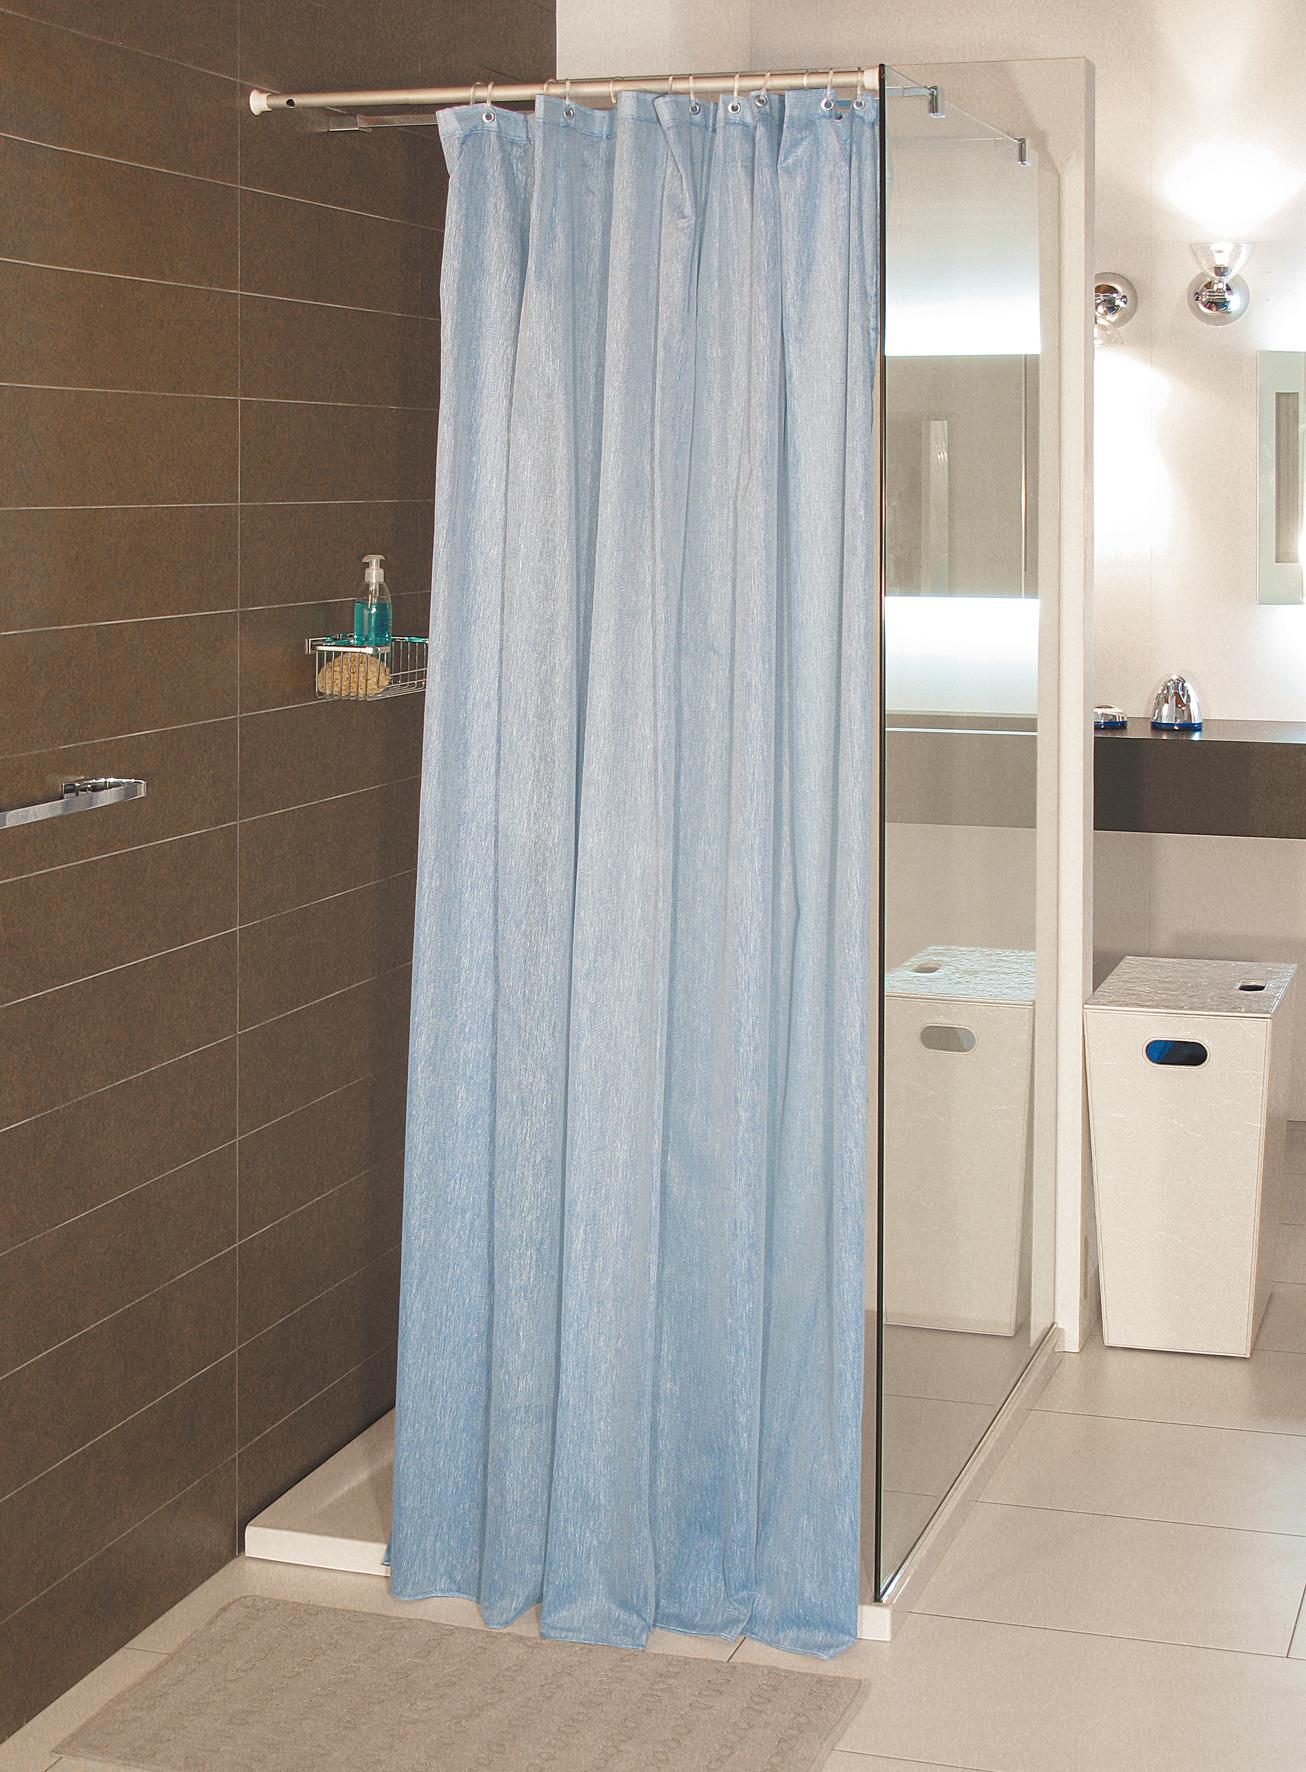 b5af355a715 Dušikardinad @ PEGU - suurim segistite ja vannitoaaksessuaaride e-pood  Eestis